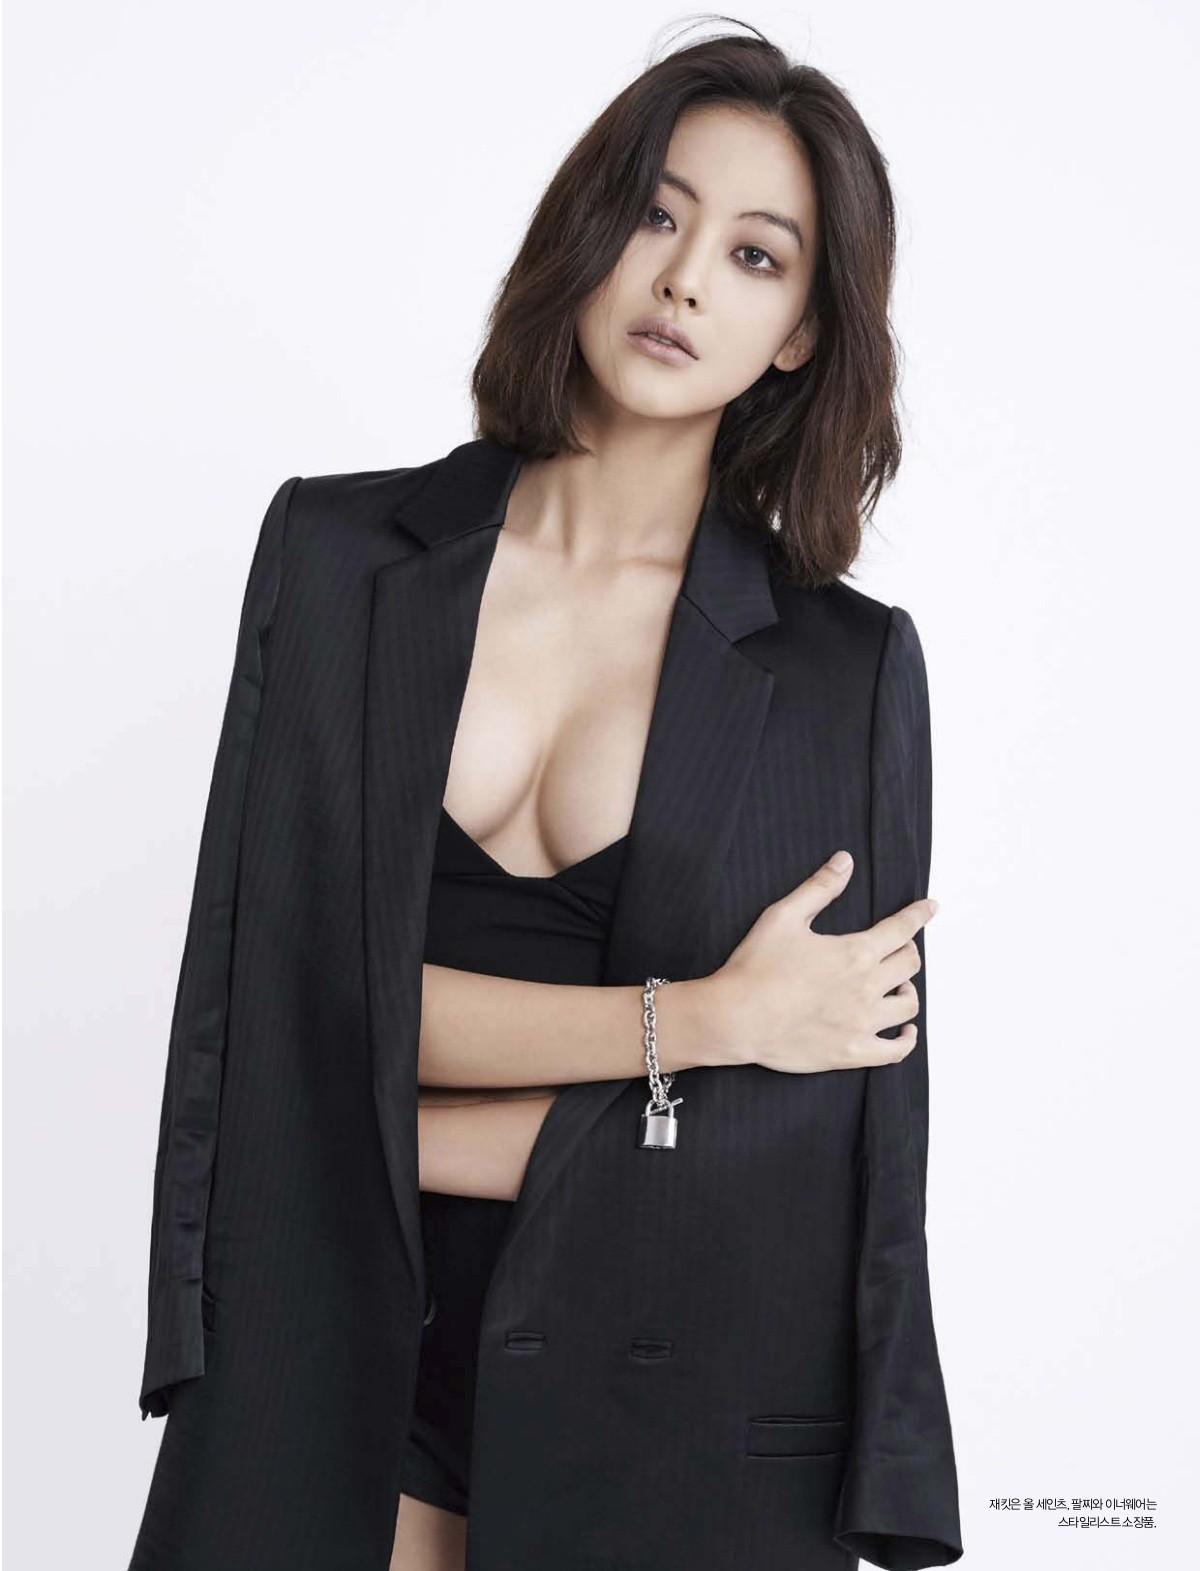 Bạn gái Kim Bum: Mỹ nhân sở hữu combo mặt xinh và body nóng bỏng, nhưng bị tố dao kéo và giả tạo - Ảnh 9.